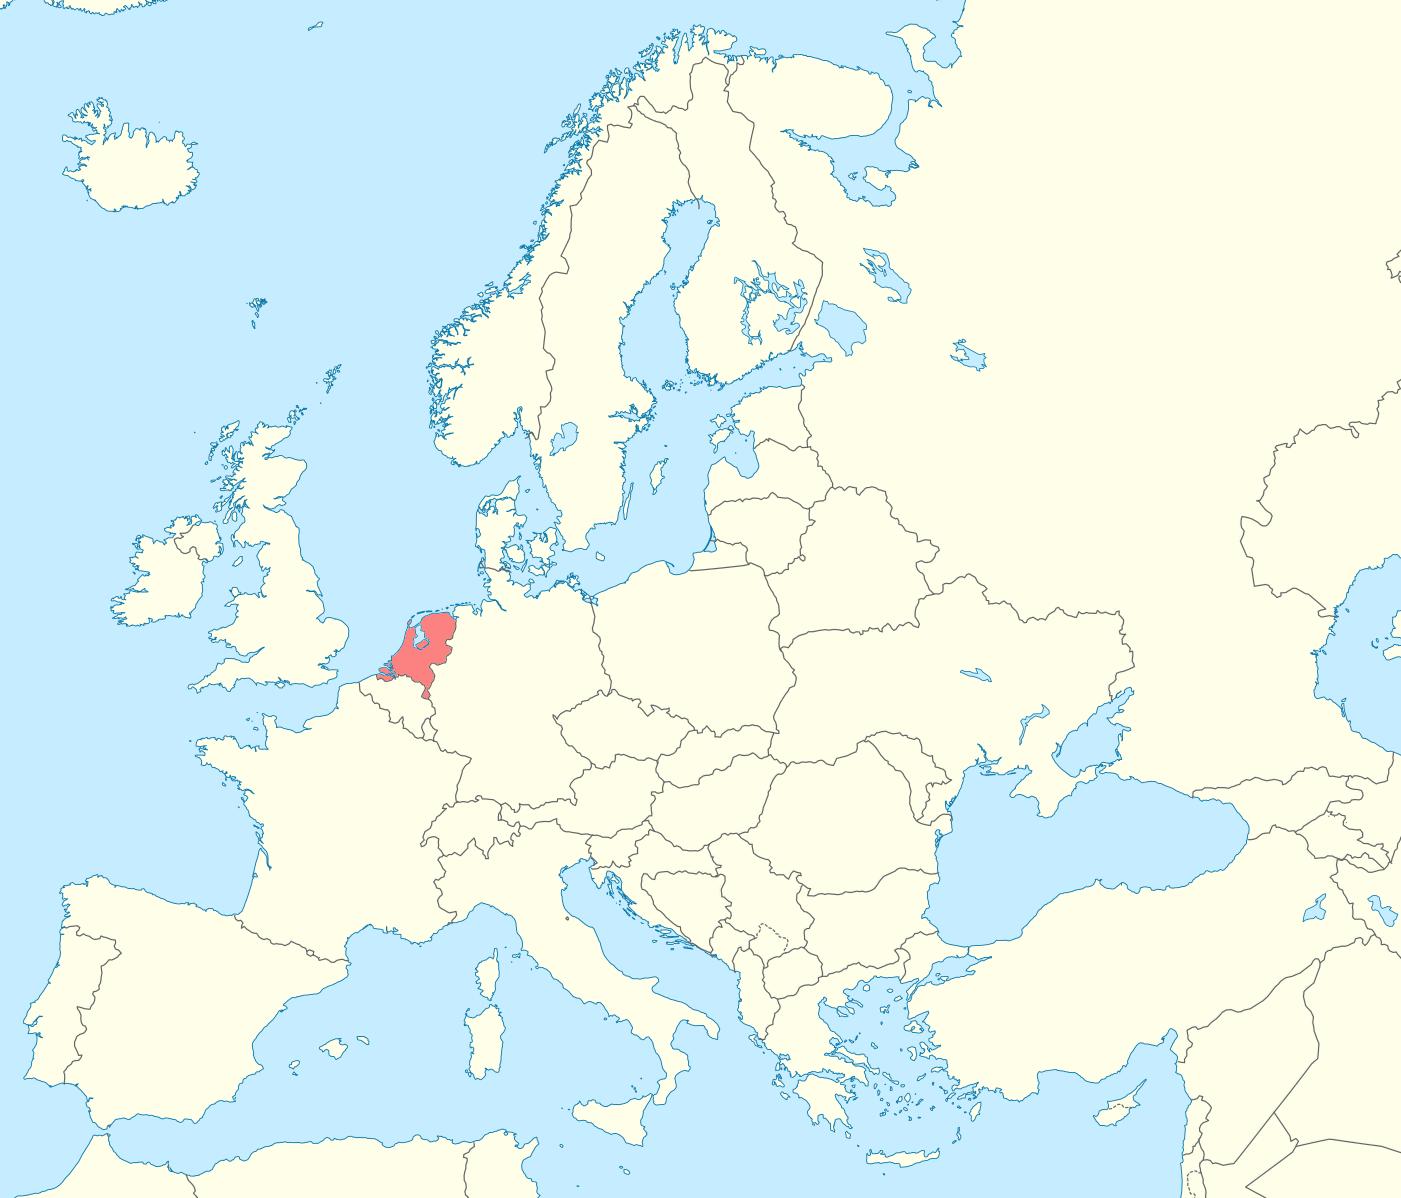 europenetherlandspng